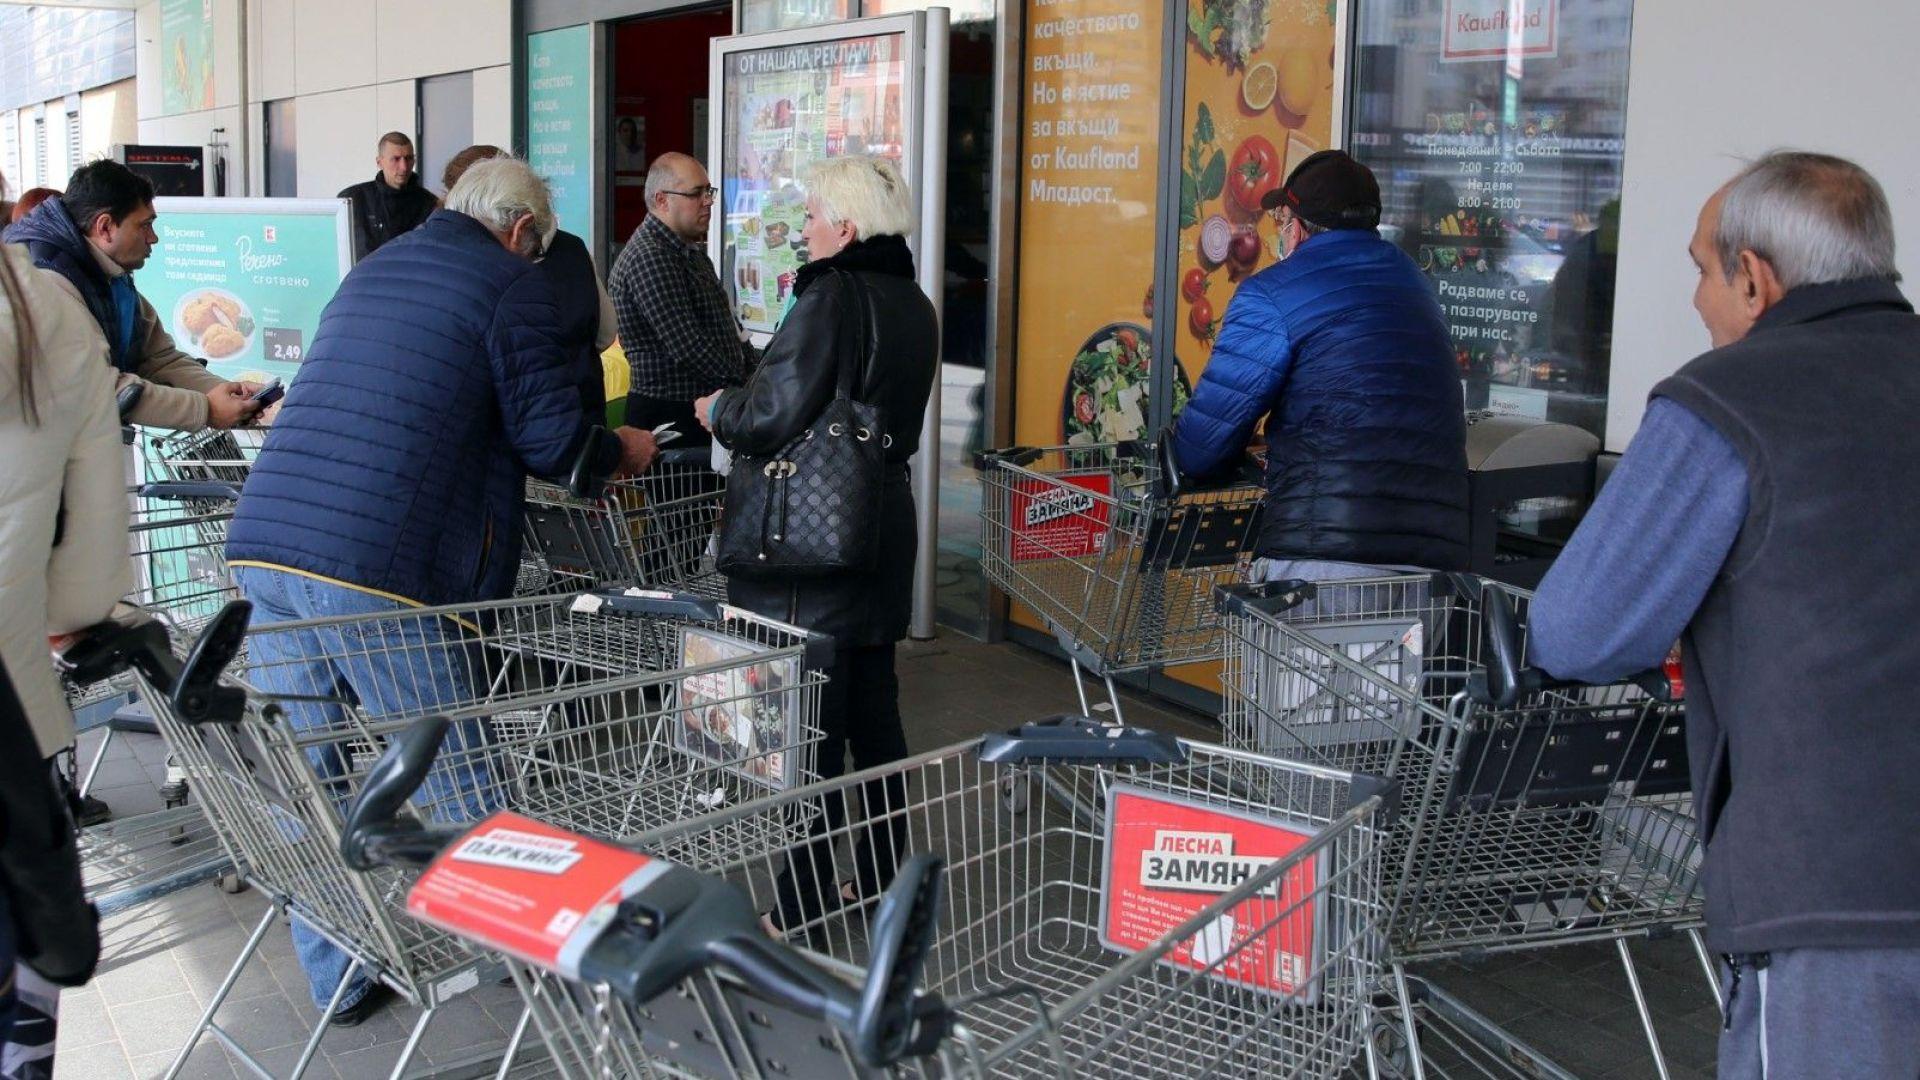 България е на дъното по индивидуално потребление: каква е класацията в ЕС